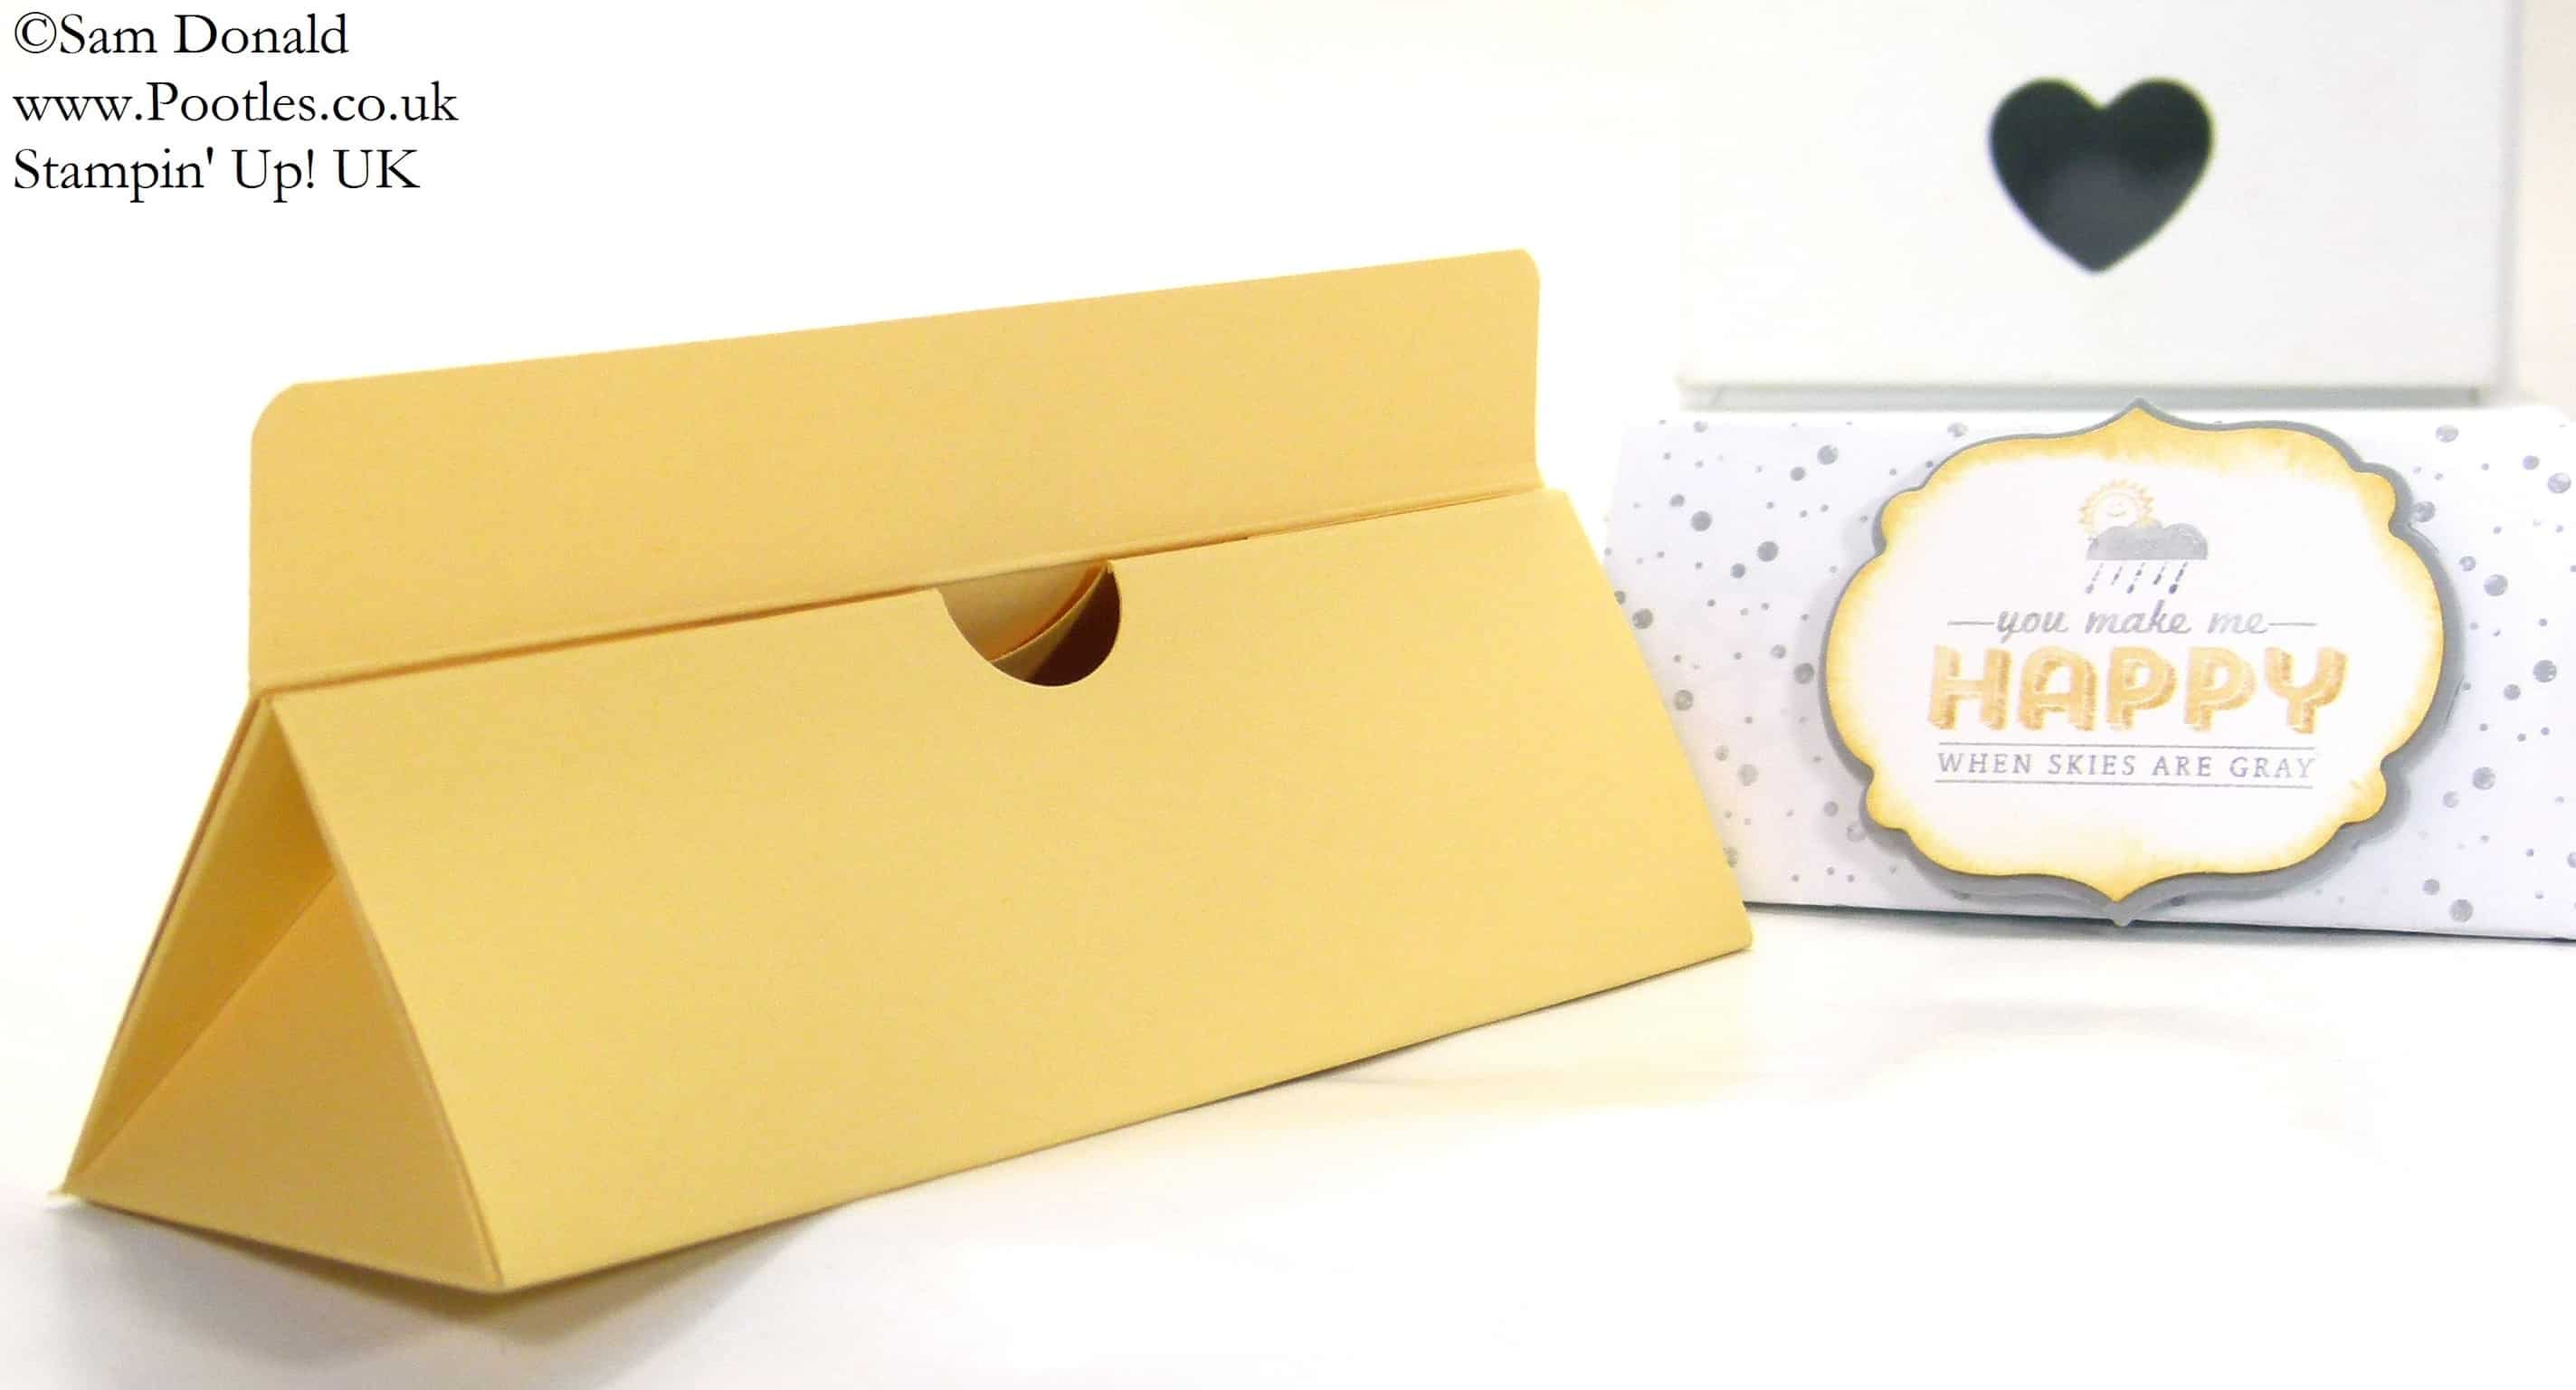 POOTLES Stampin' Up! UK 7inch (18cm)Triangular Box Tutorial 2